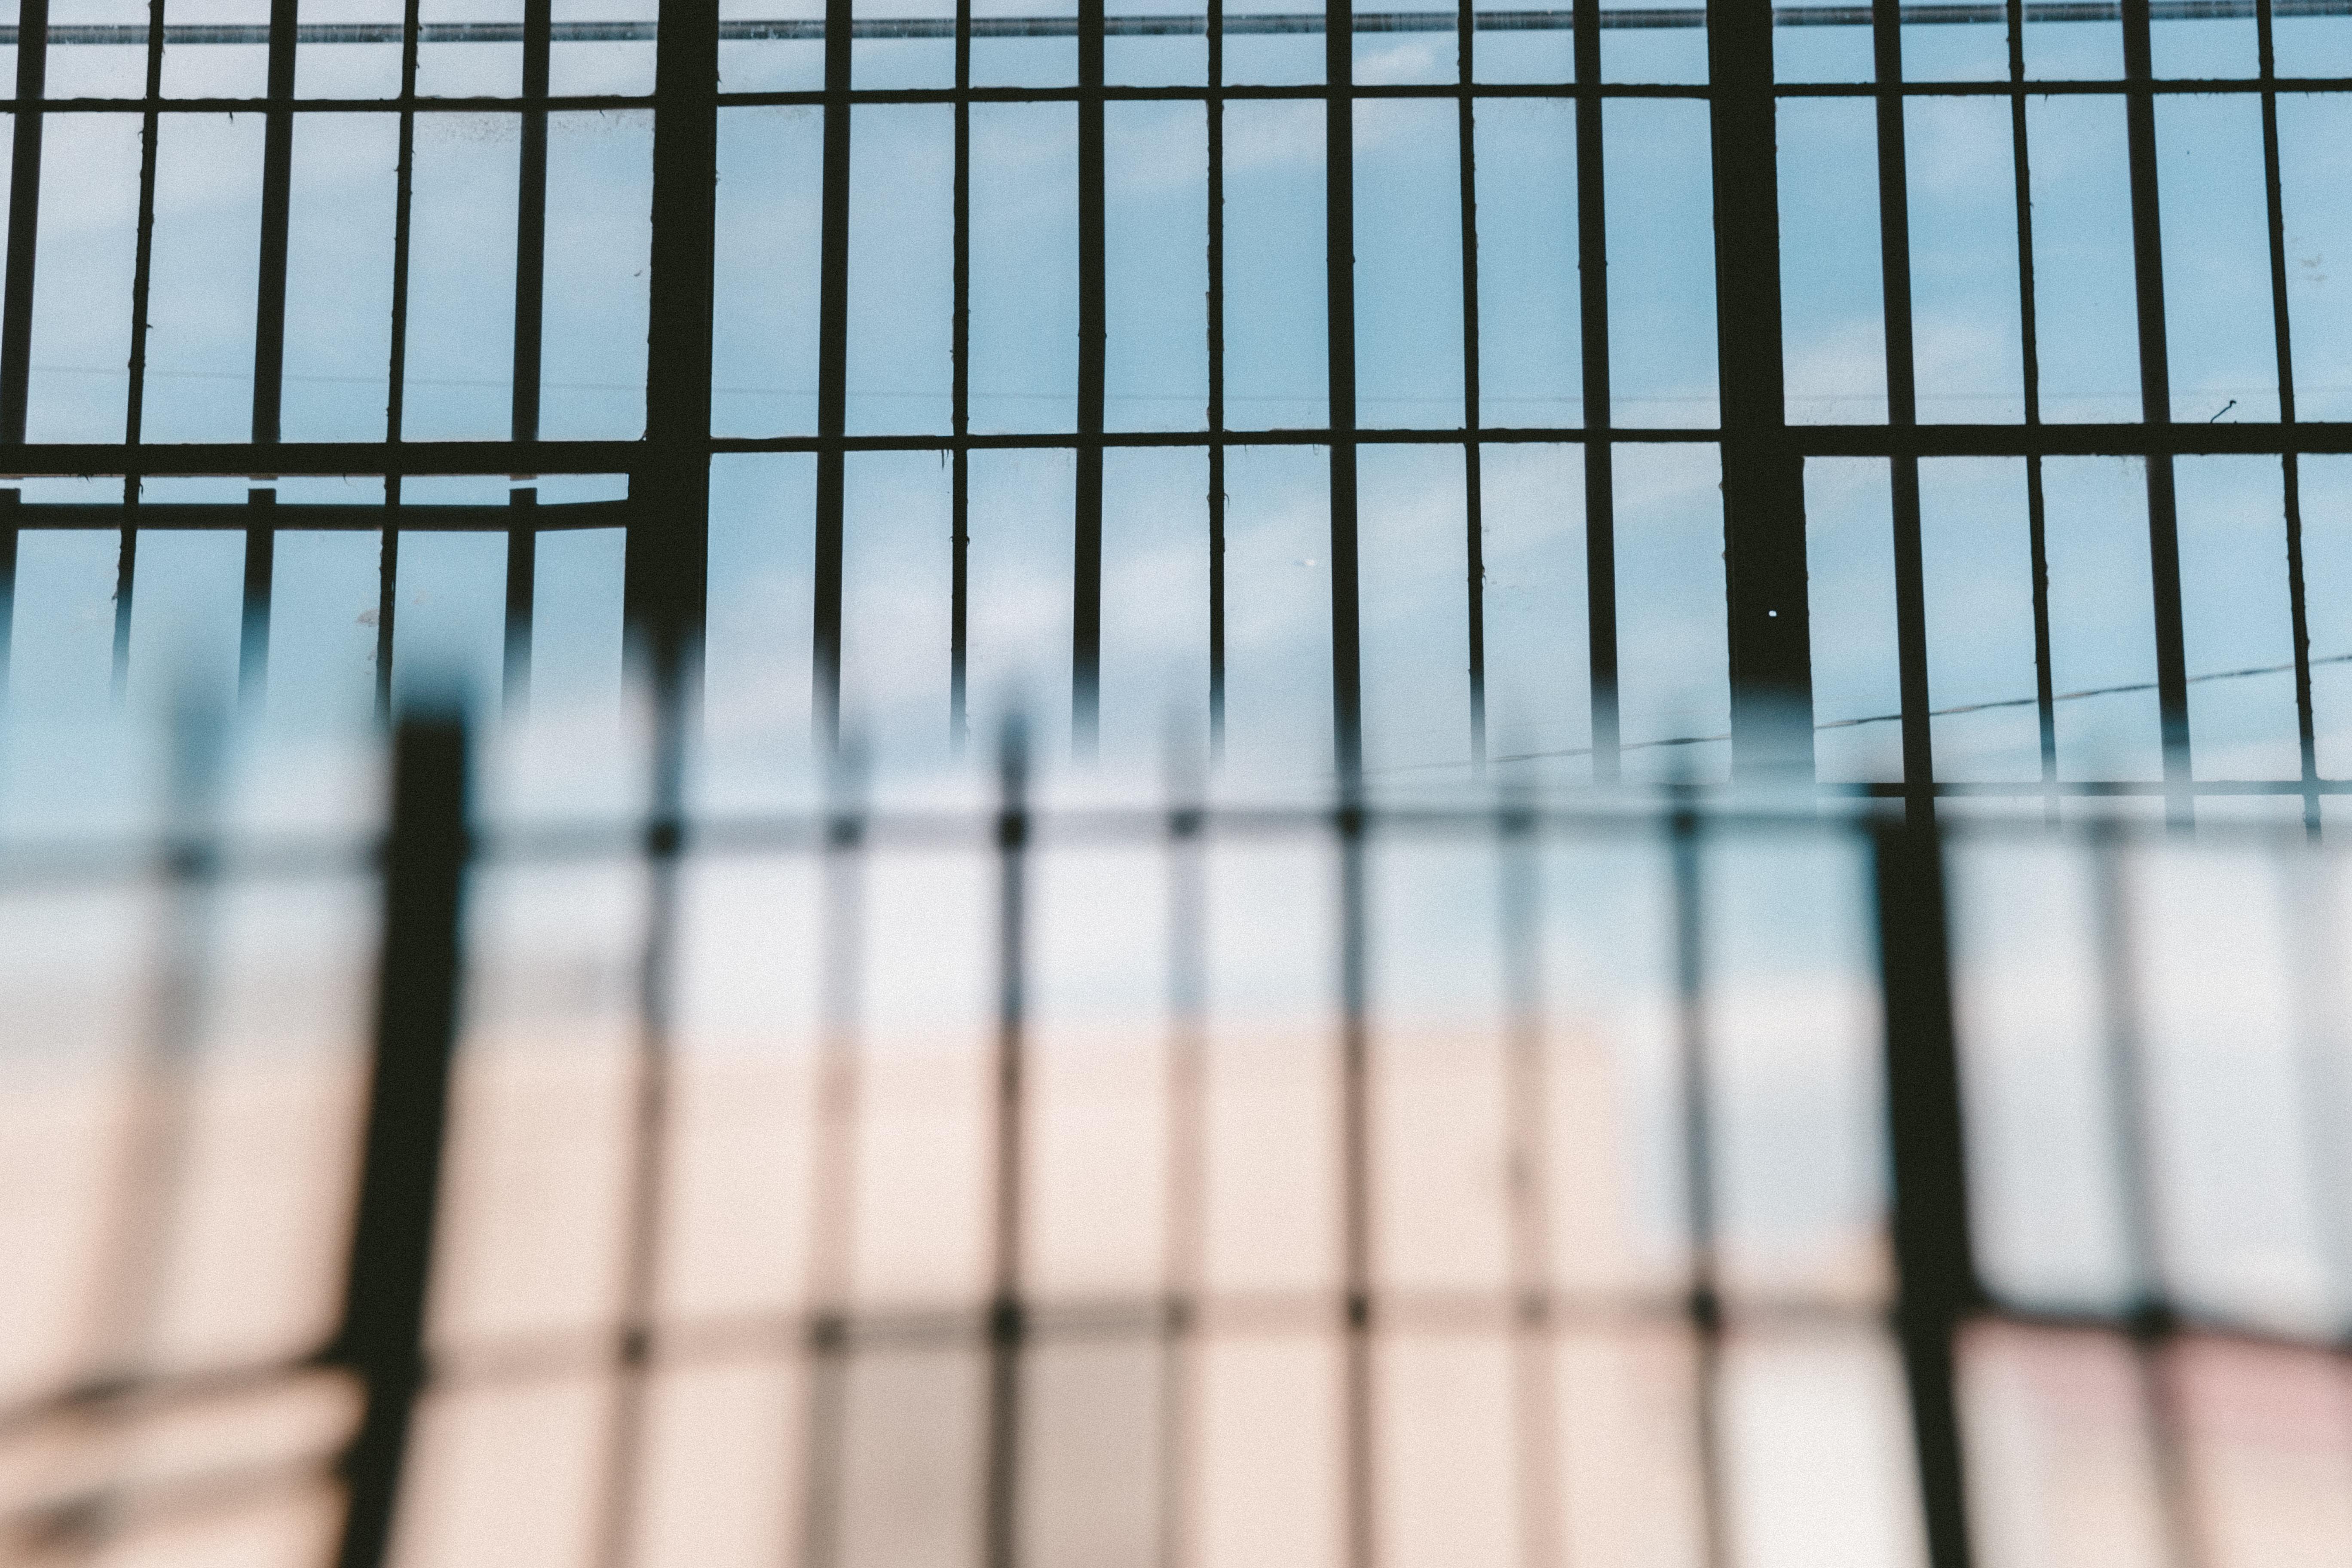 Poroschenko: 23 russische Soldaten in ukrainischen Gefängnissen